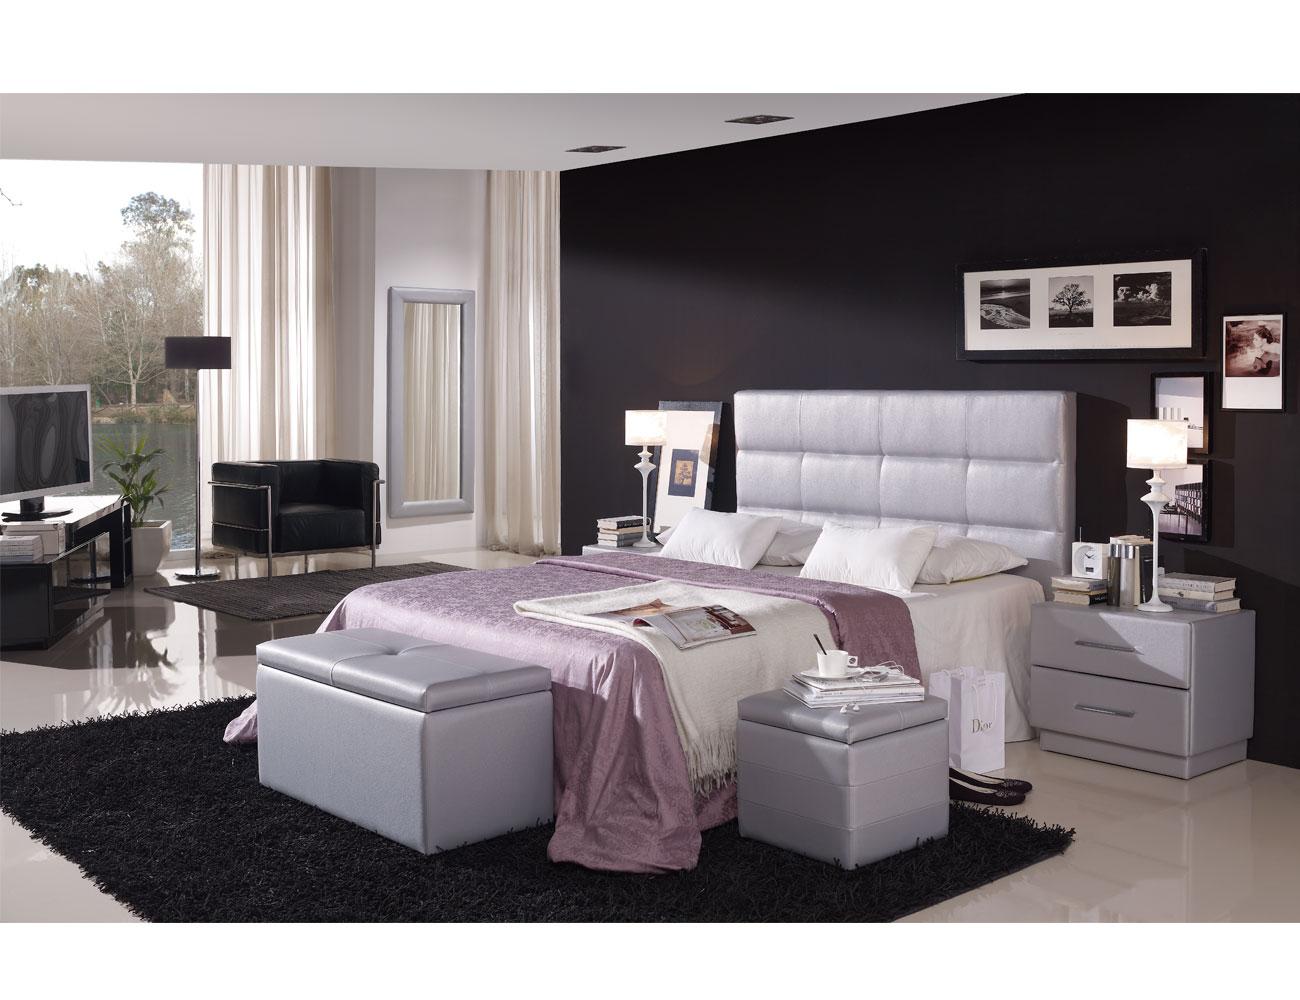 23 marco tapizado dormitorio926